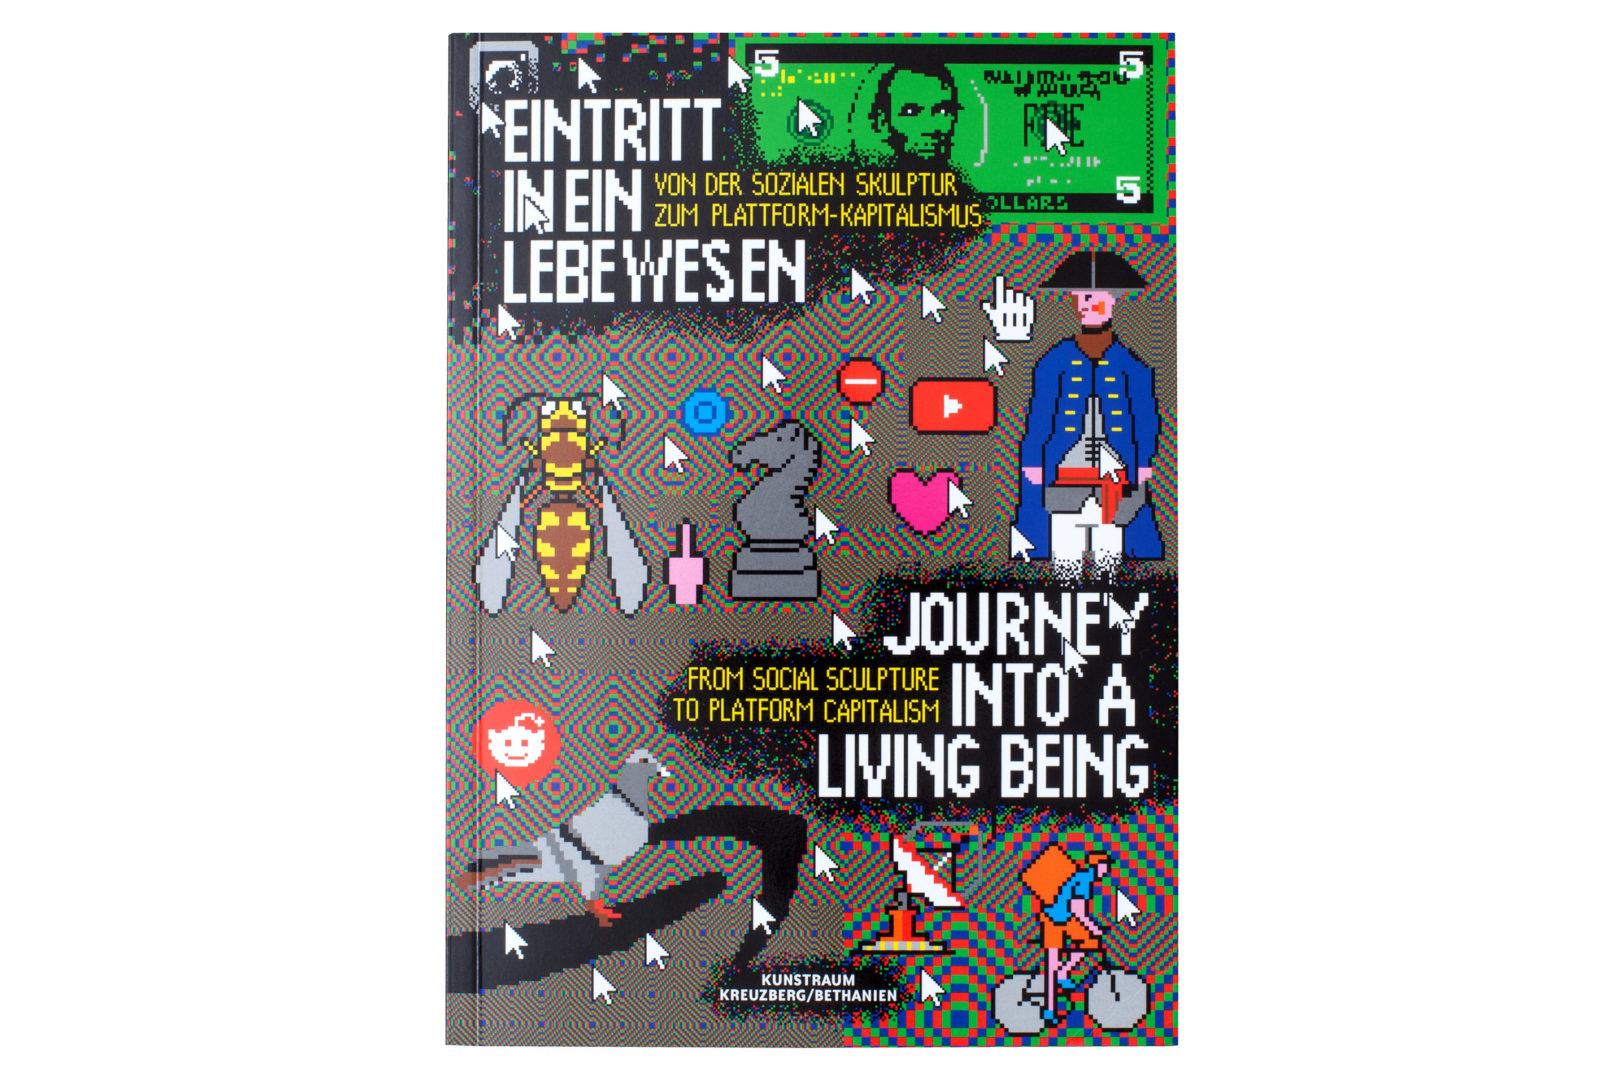 http://e-o-t.de/wordpress/wp-content/uploads/2020/03/eot-books-Lebewesen-1.jpg